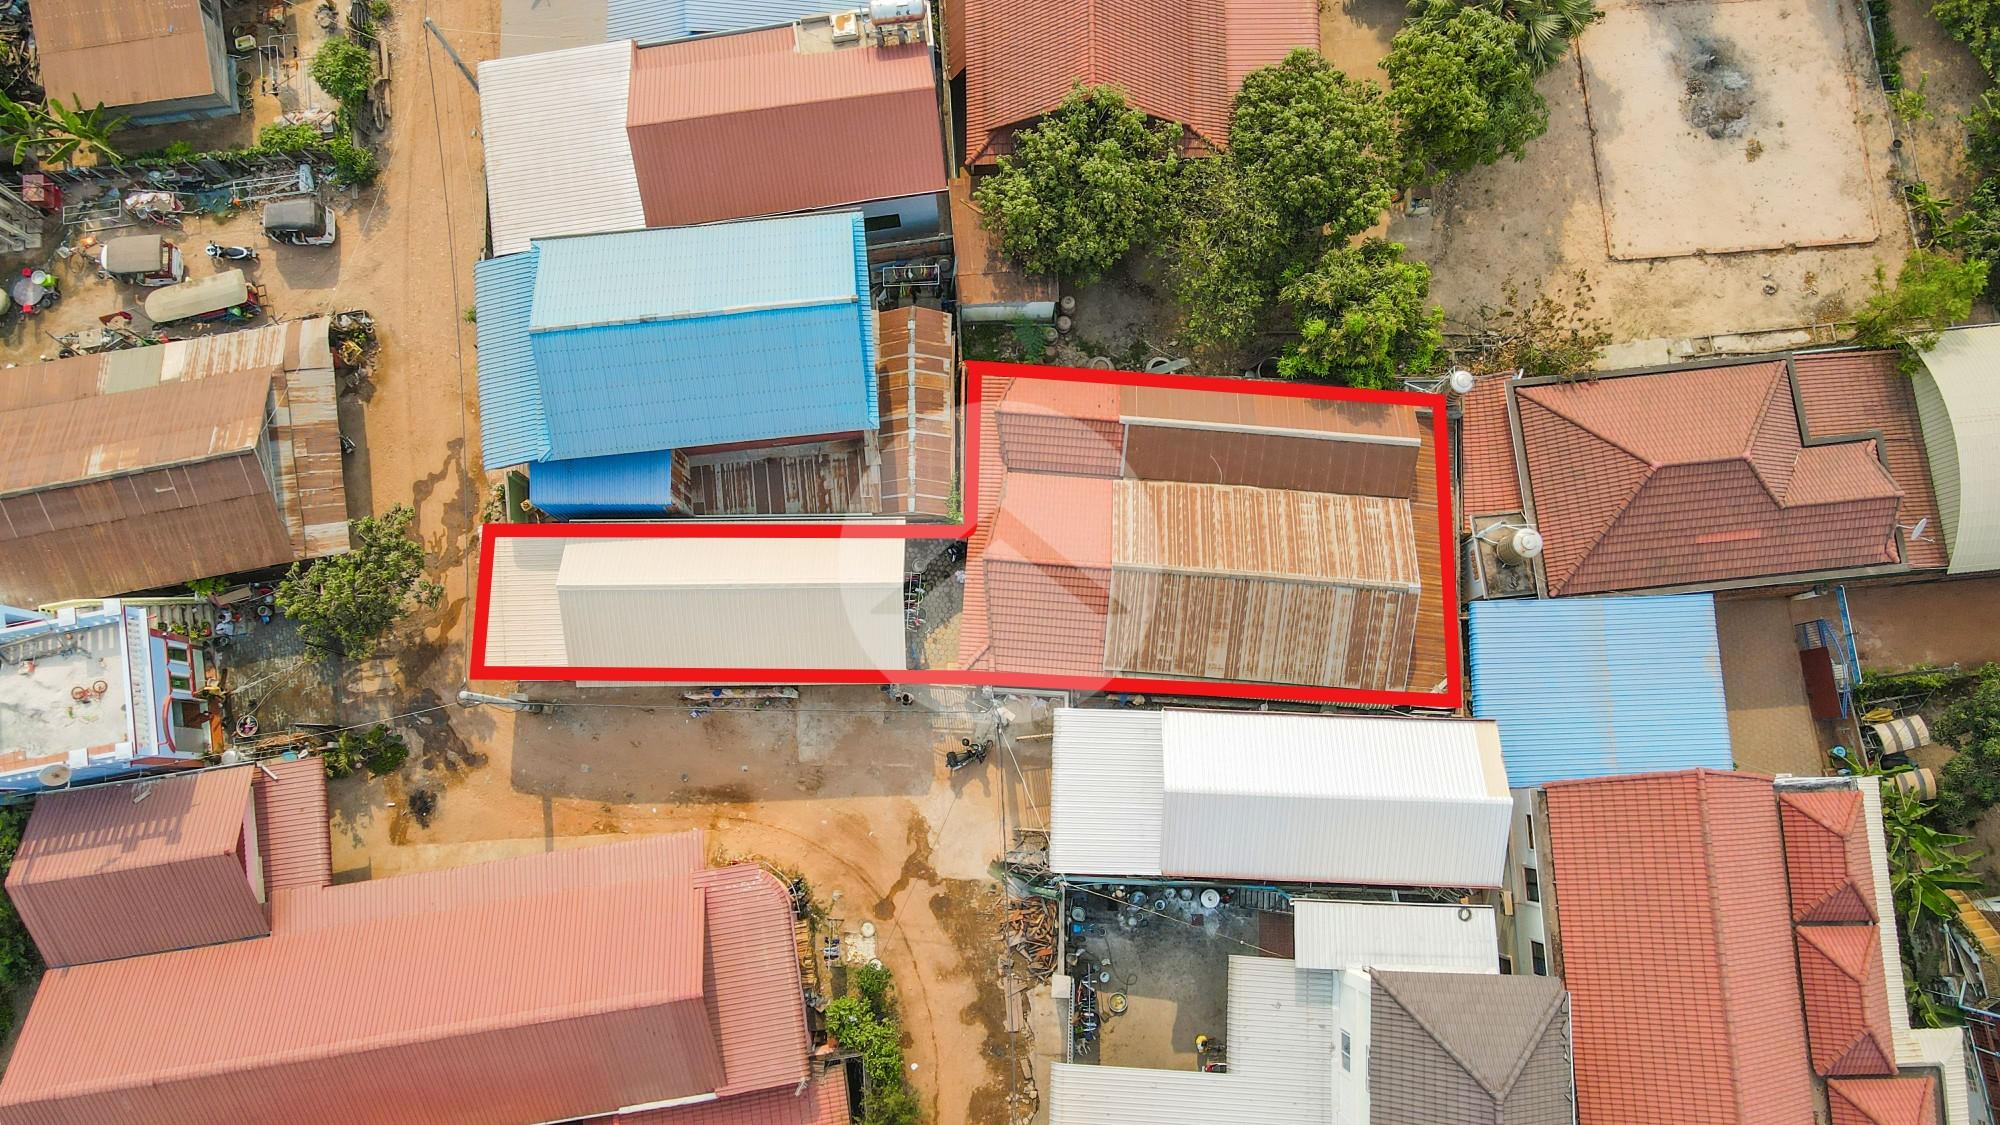 2 Bedroom House For Sale - Slor Kram, Siem Reap